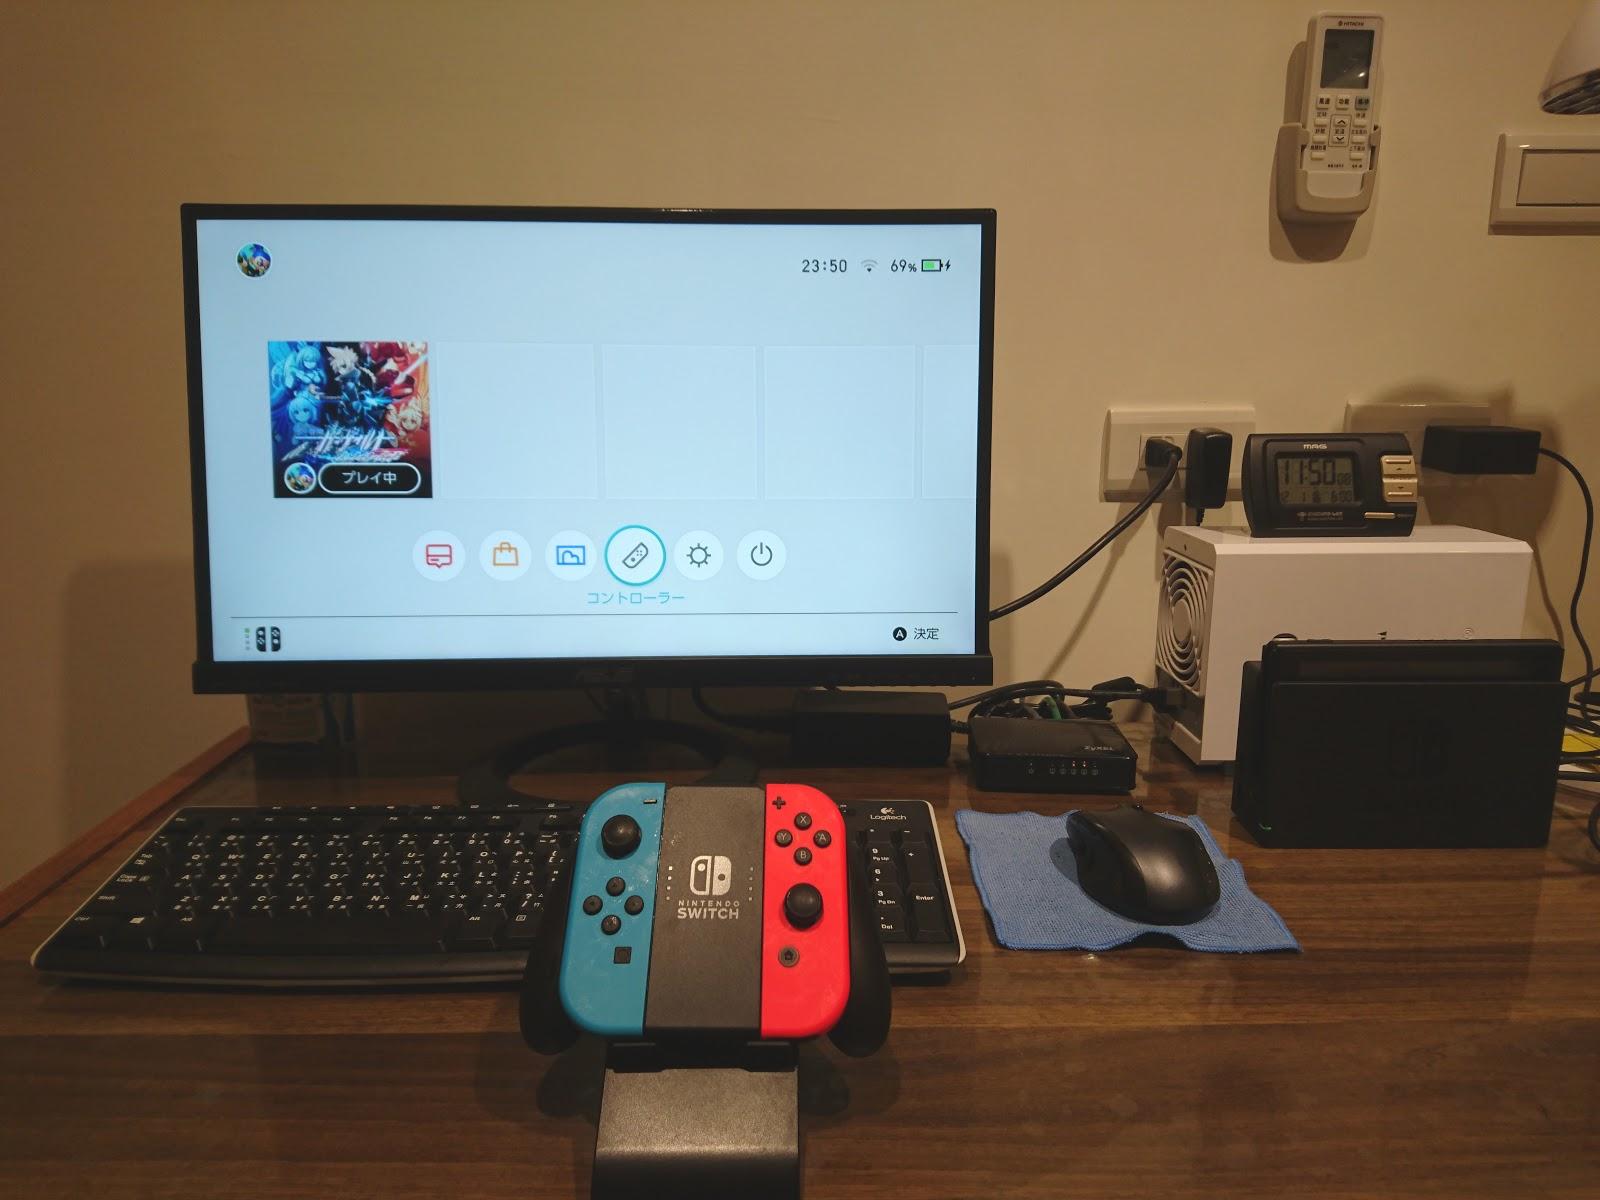 臺中2B月臺: 入手Nintendo Switch